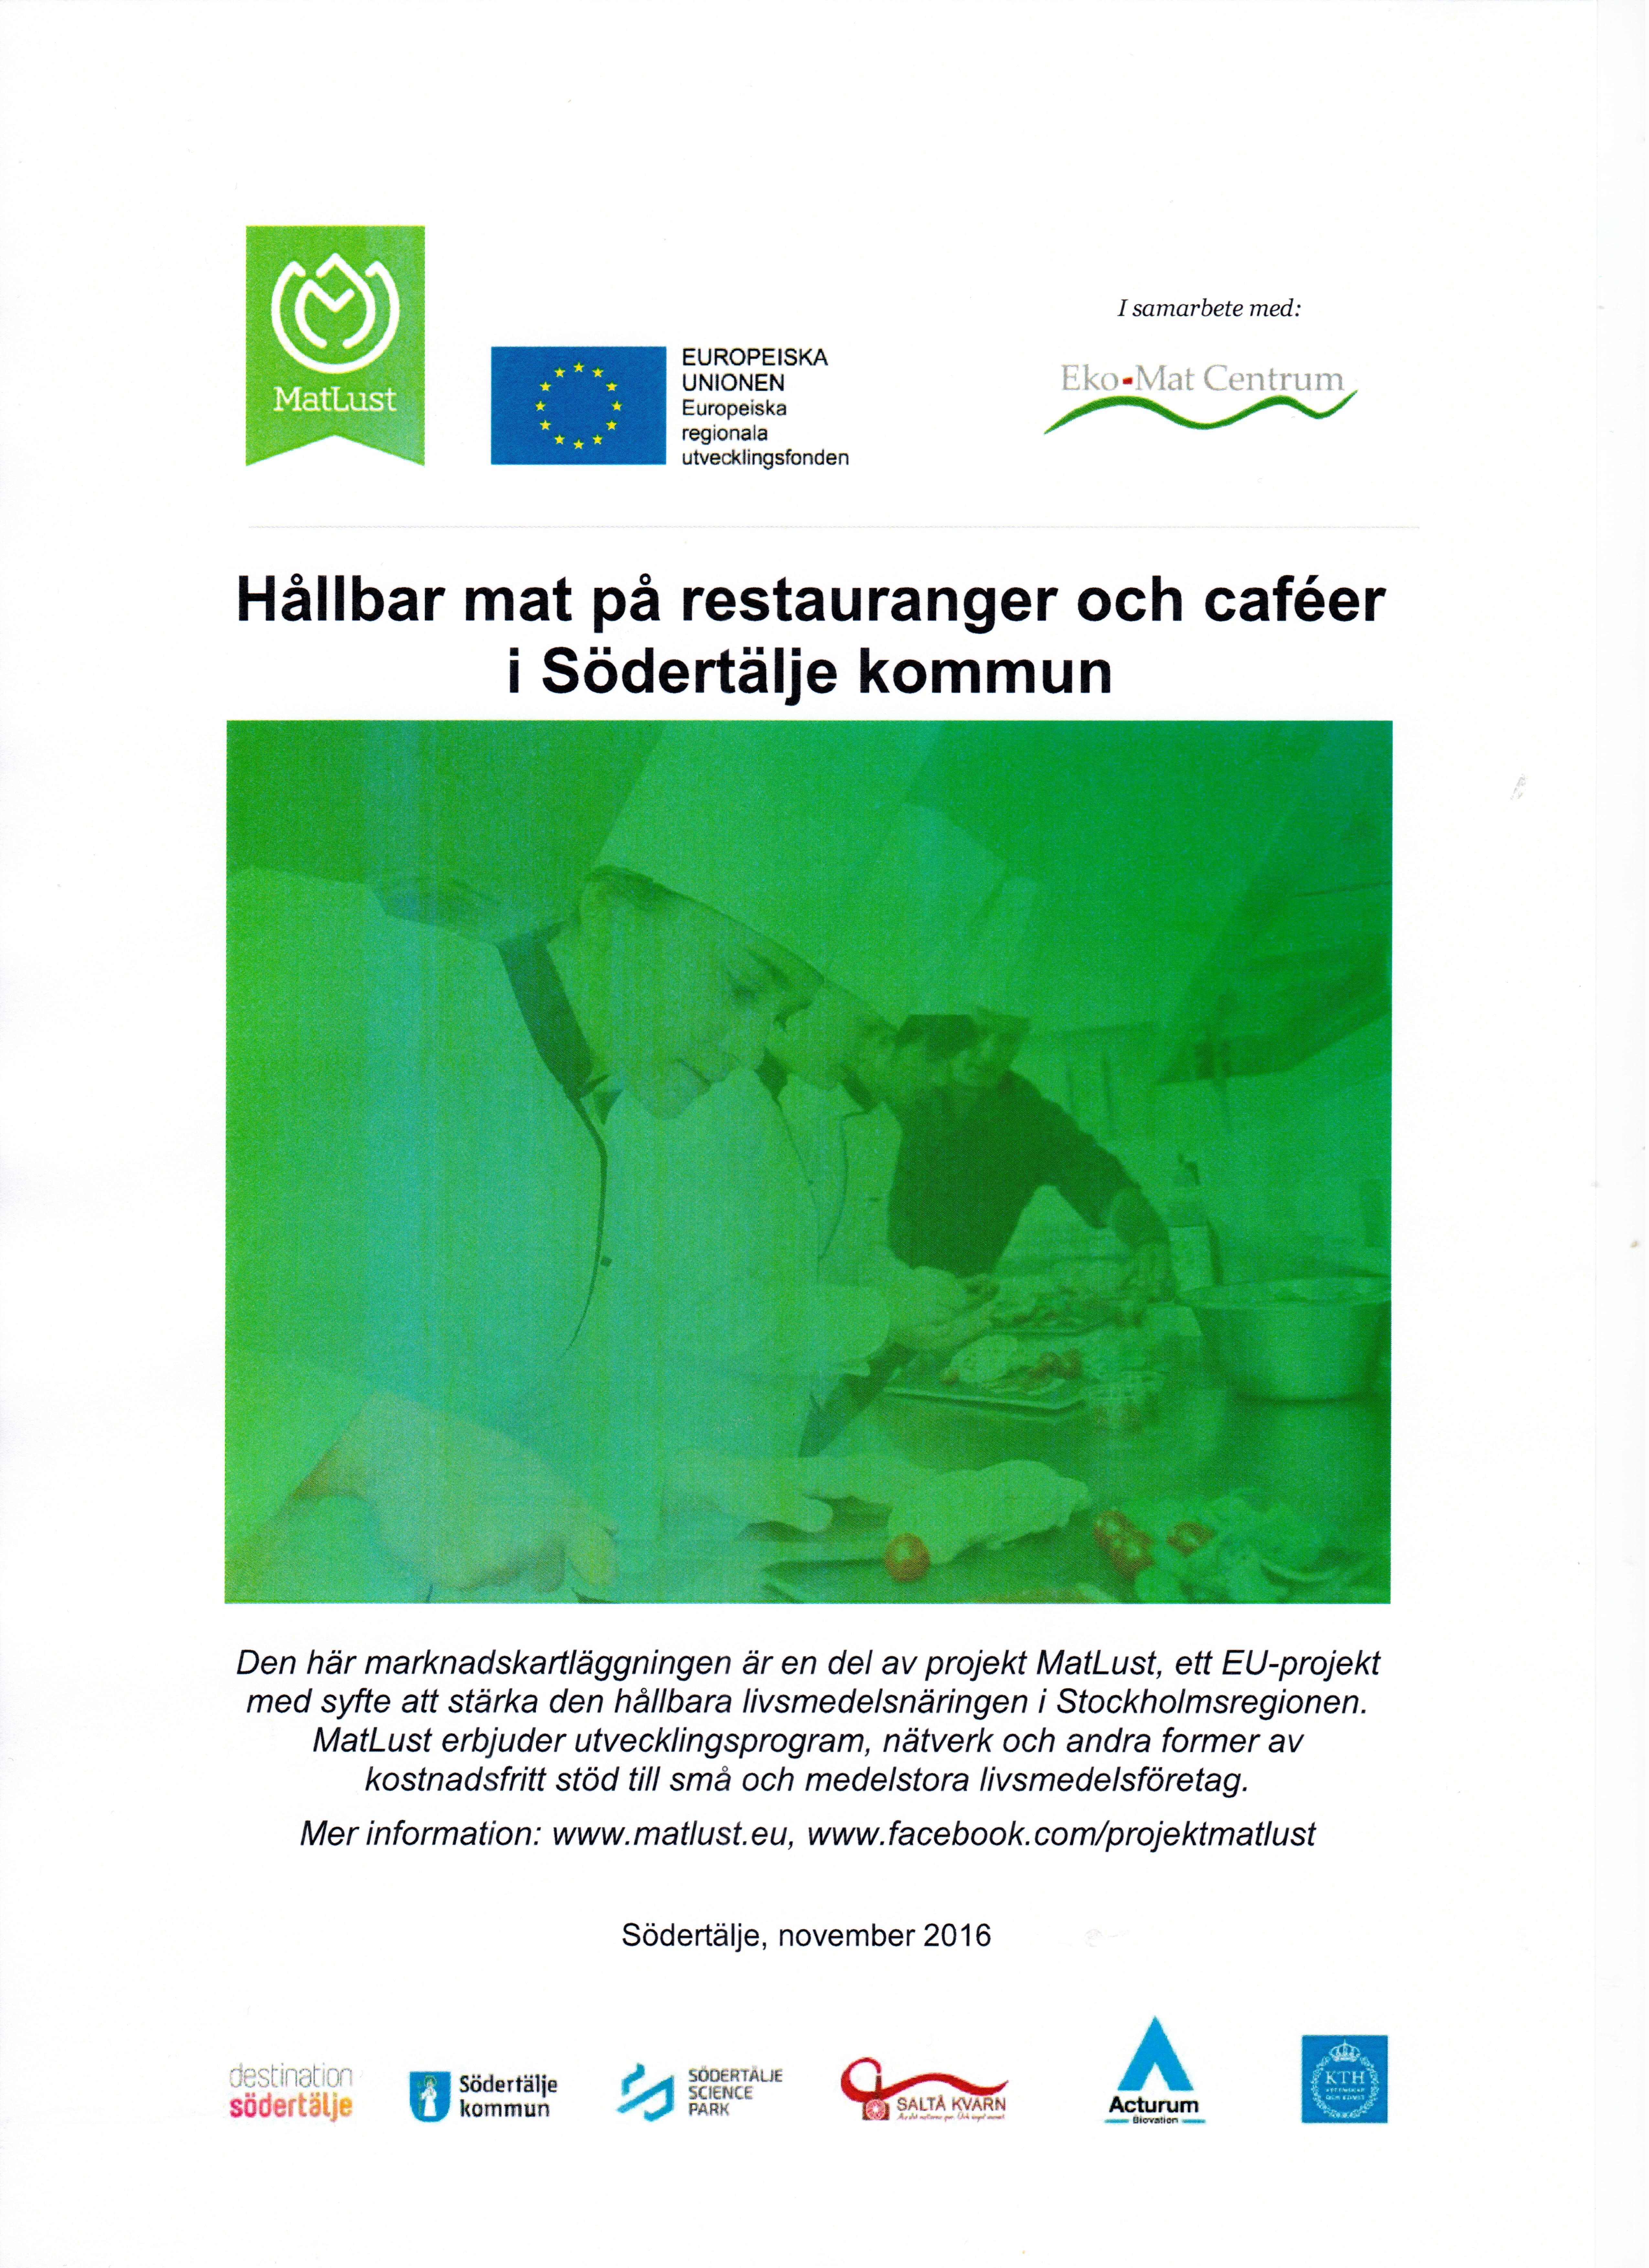 Bild-Hållbar-mat-på-restaurang-och-café-i-Södertälje-kommun.jpg e331a91017421